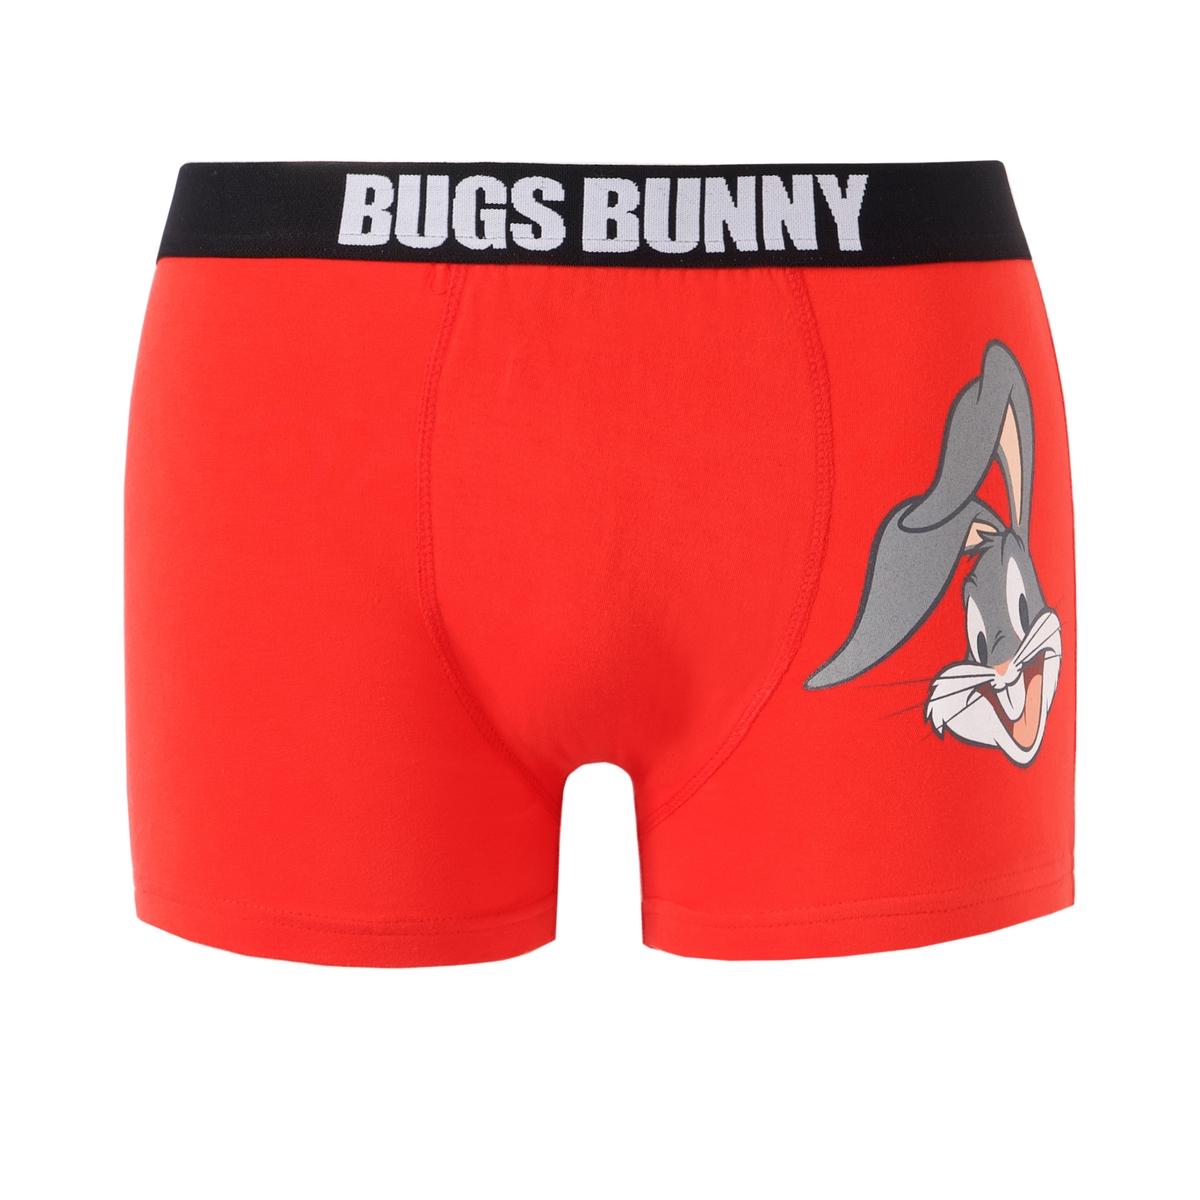 Трусы-боксеры  Bugs BunnyОписание:Трусы-боксеры Bugs Bunny с рисунком в виде знаменитого кролика сбоку и надписью Bugs Bunny на поясе: удобные и комфортные мужские трусы!Состав и описание :Материал : 95% хлопка, 5% эластана. Марка: Bugs BunnyУход :Машинная стирка при 30 °С на деликатном режиме с вещами схожих цветов.Допускается машинная сушка.<br><br>Цвет: красный<br>Размер: XXL.XL.L